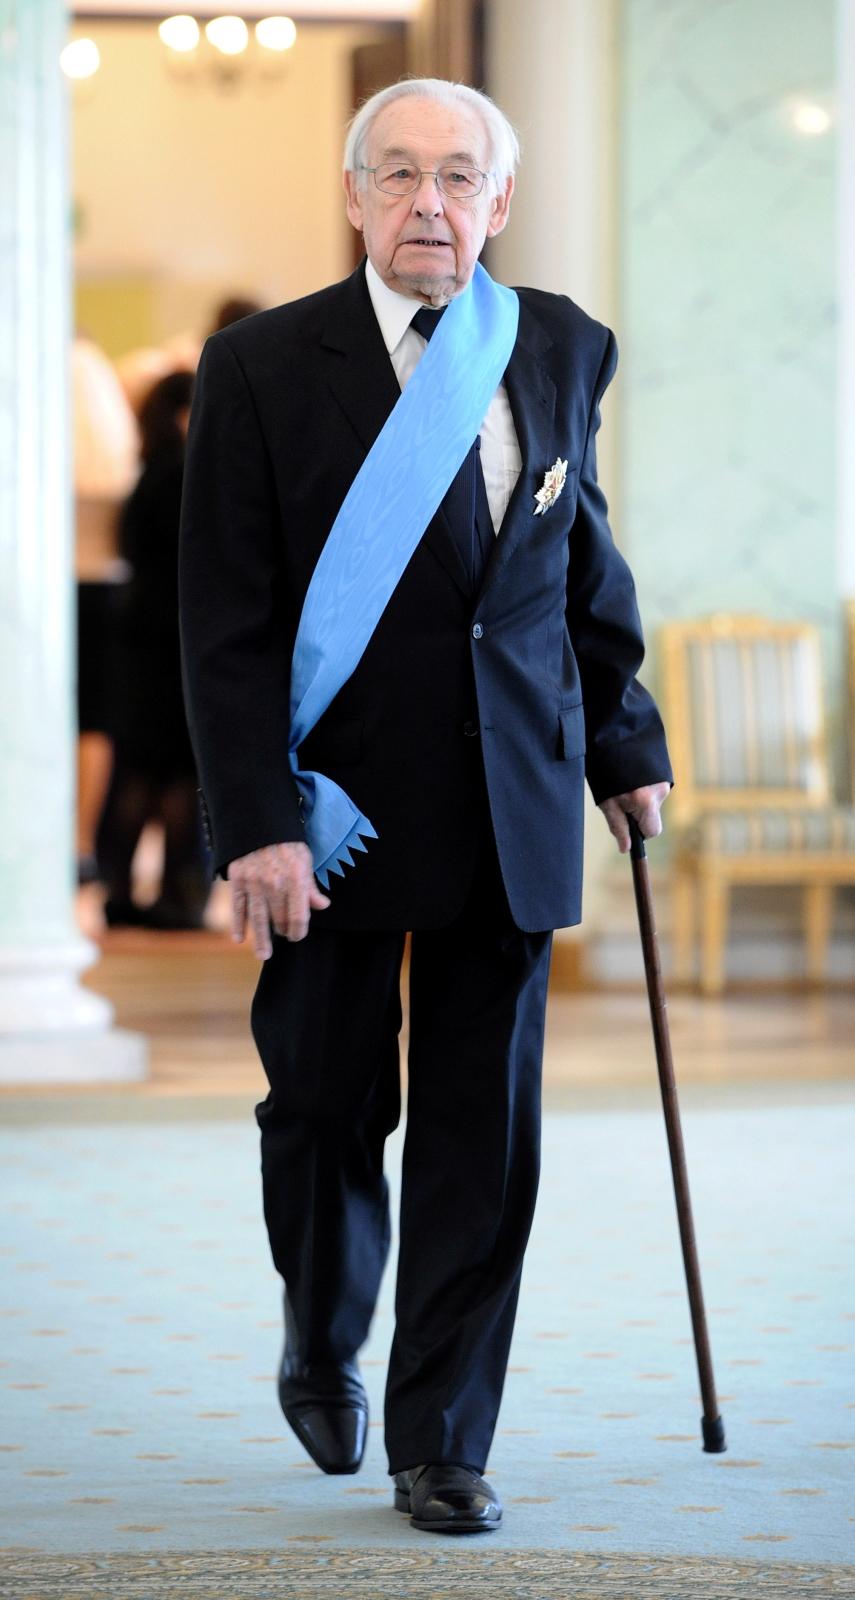 Na zdjęciu archiwalnym z 21.03.2011 r. reżyser Andrzej Wajda po otrzymaniu z rąk prezydenta Bronisława Komorowskiego Order Orła Białego